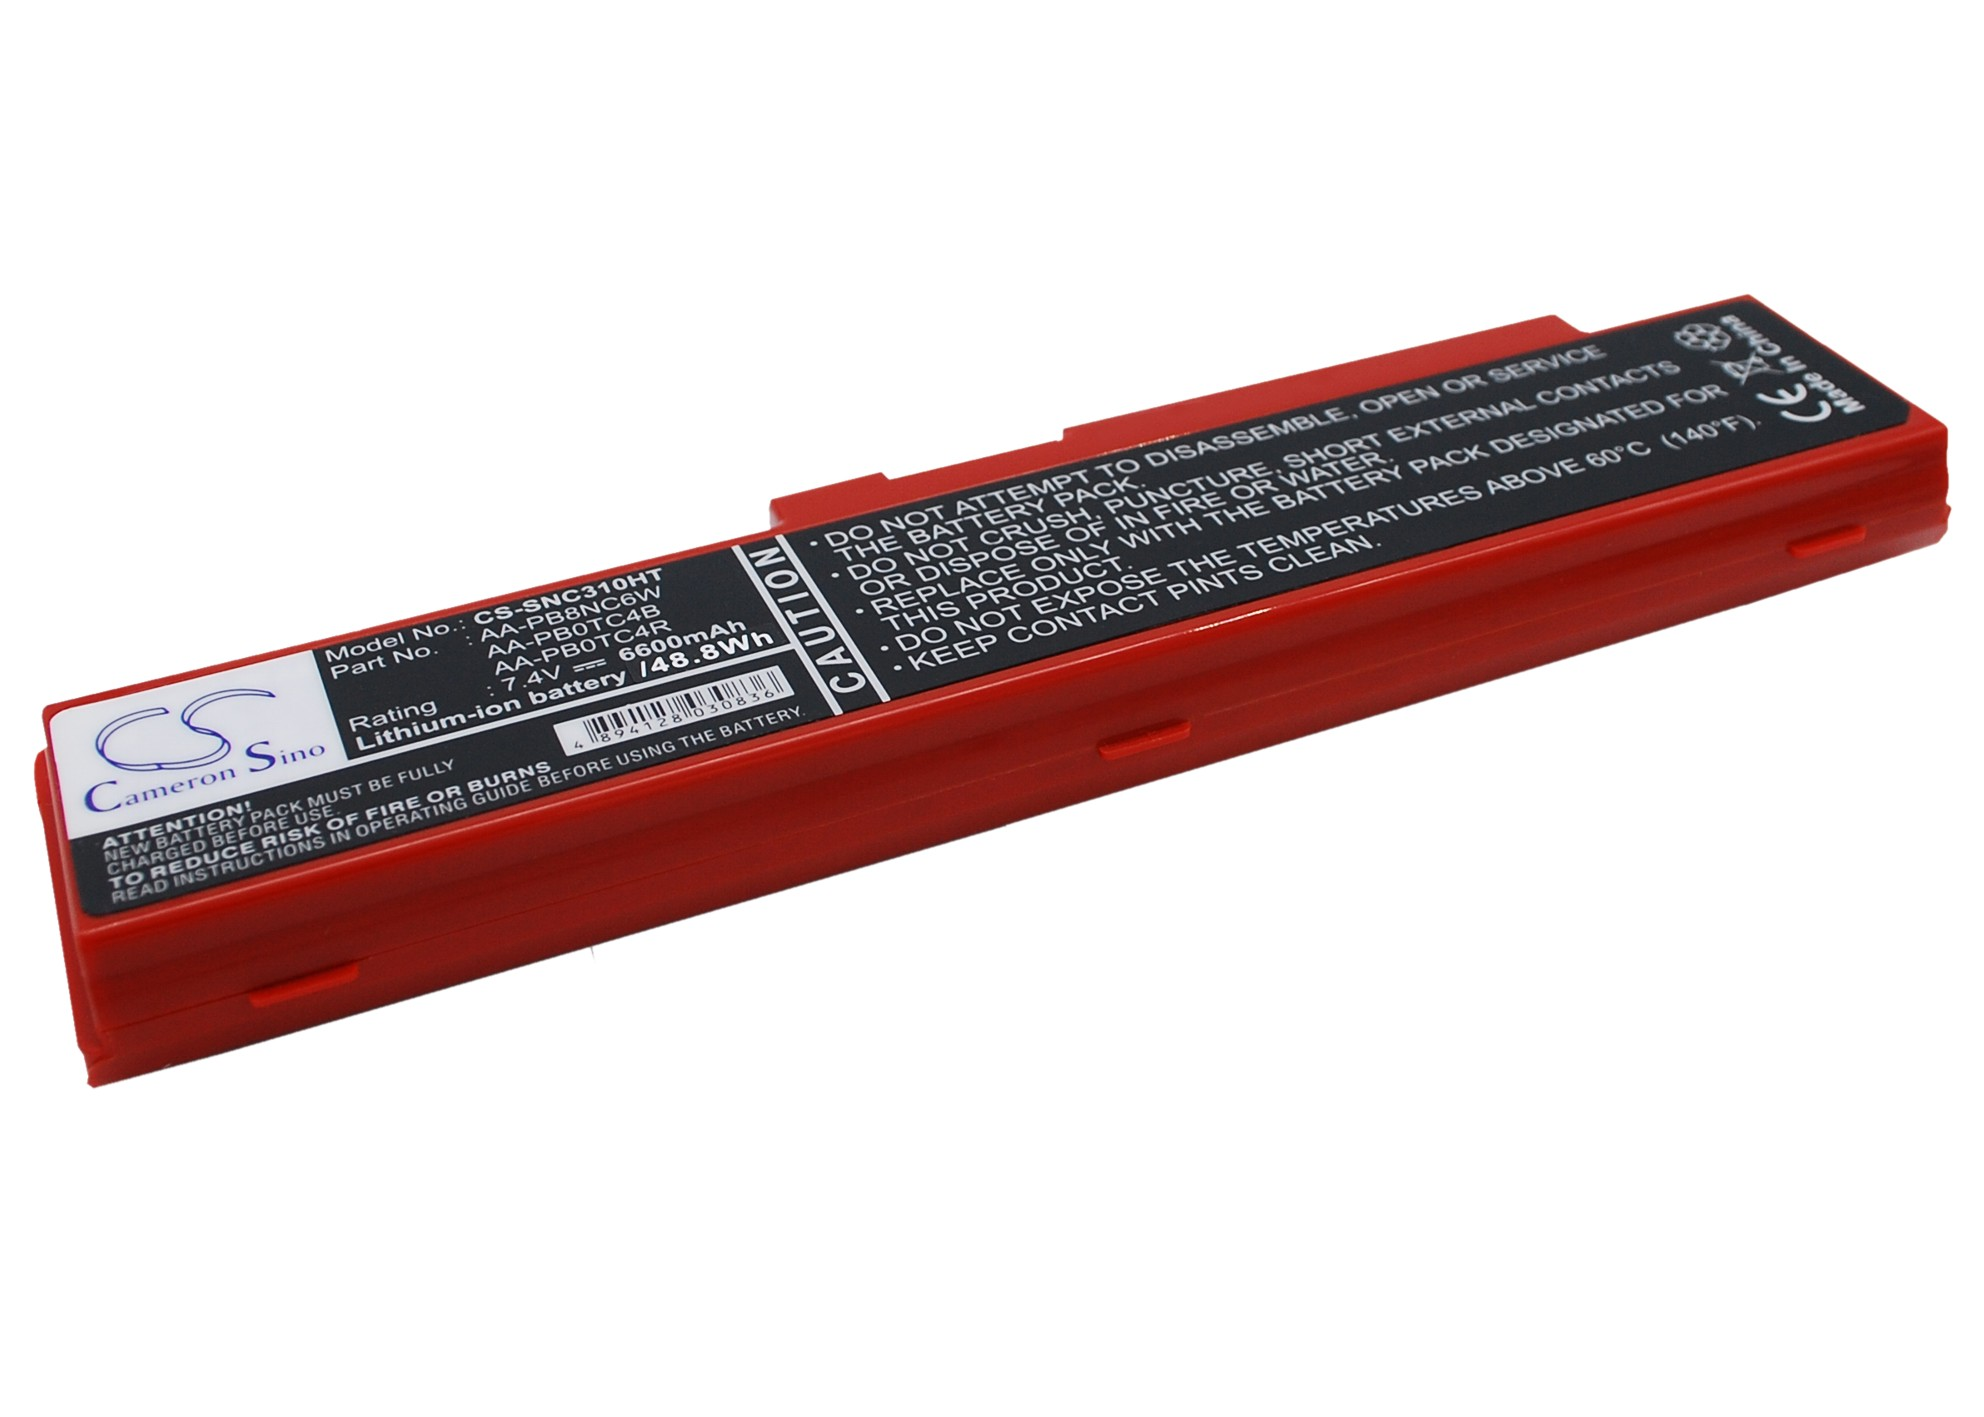 Cameron Sino baterie do netbooků pro SAMSUNG NP-X120-PA01 7.4V Li-ion 6600mAh červená - neoriginální